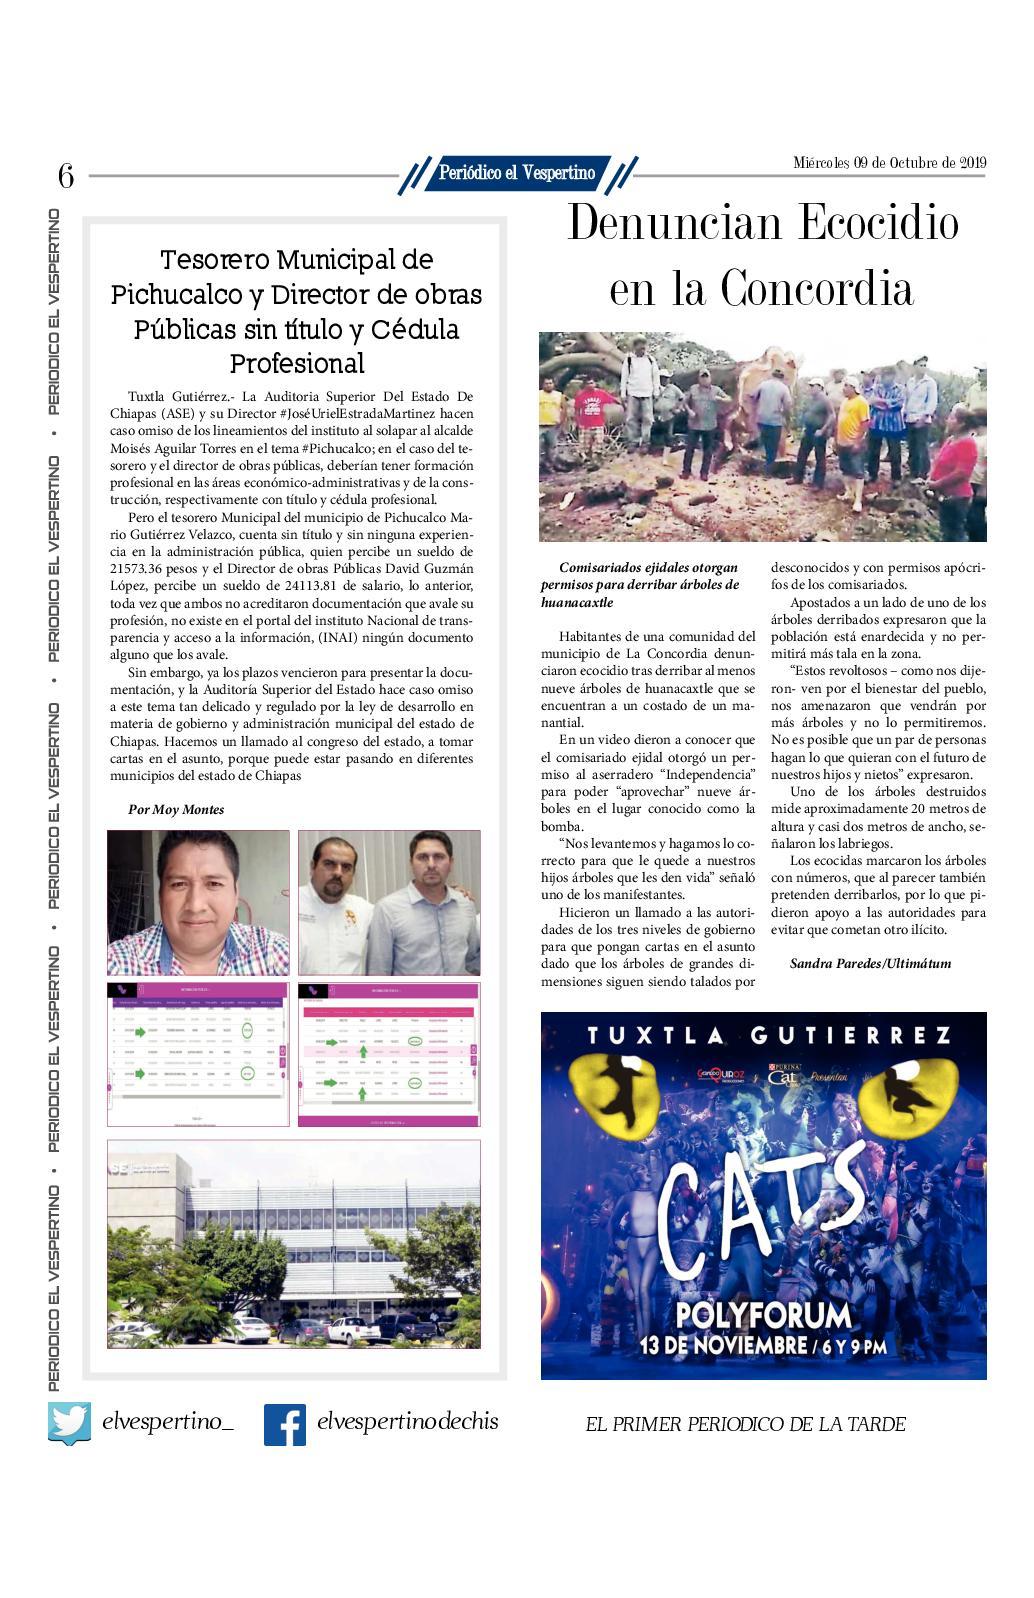 Periodico El Vespertino No 1187